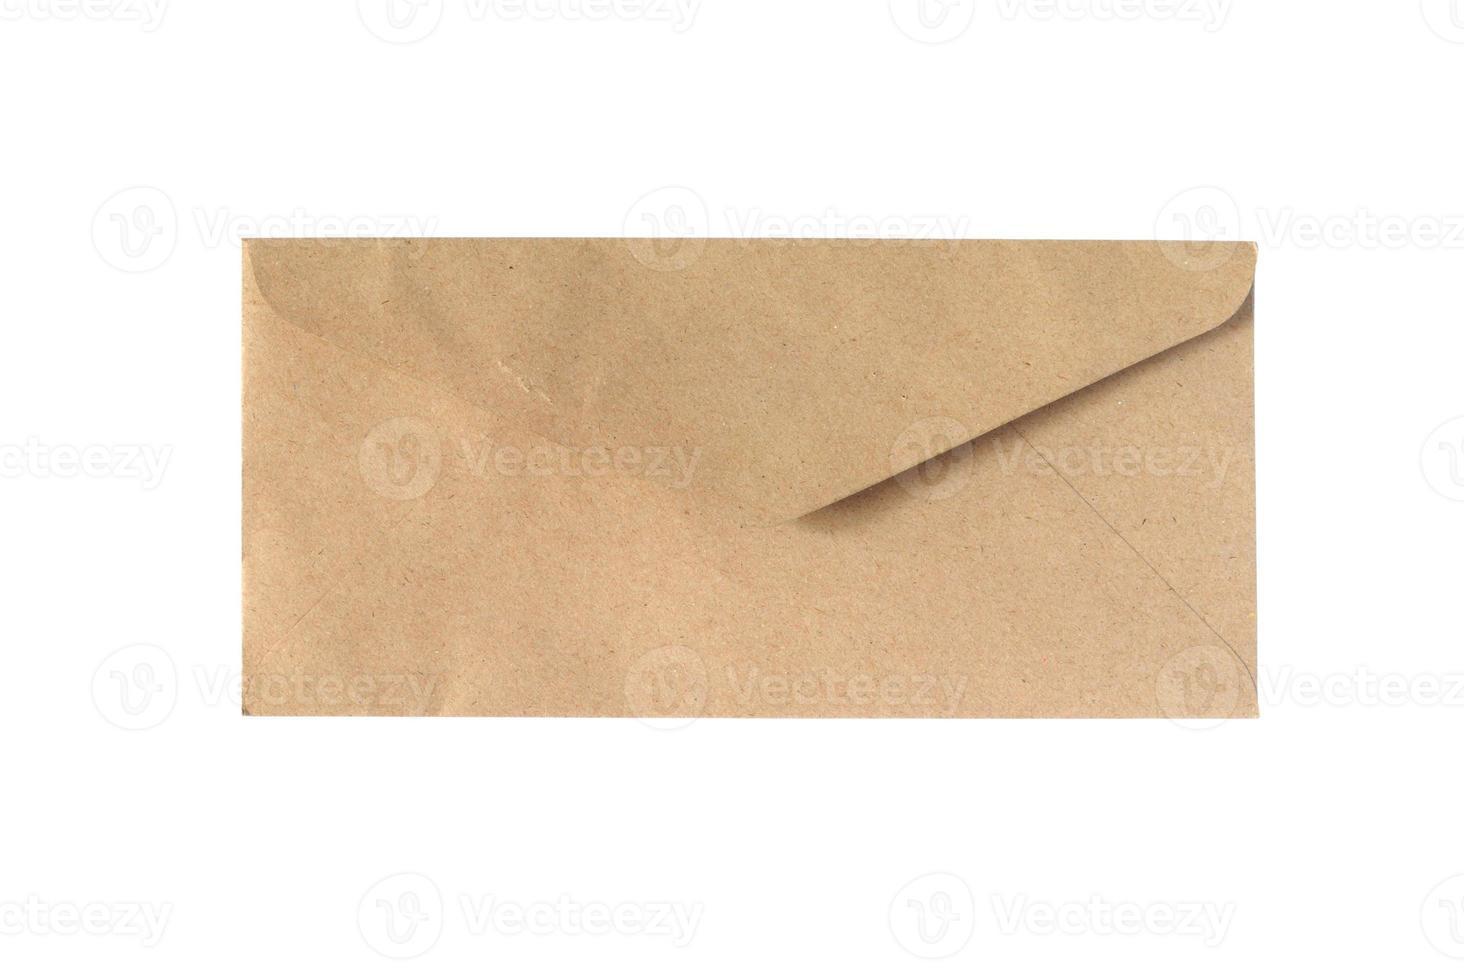 bruine envelop foto